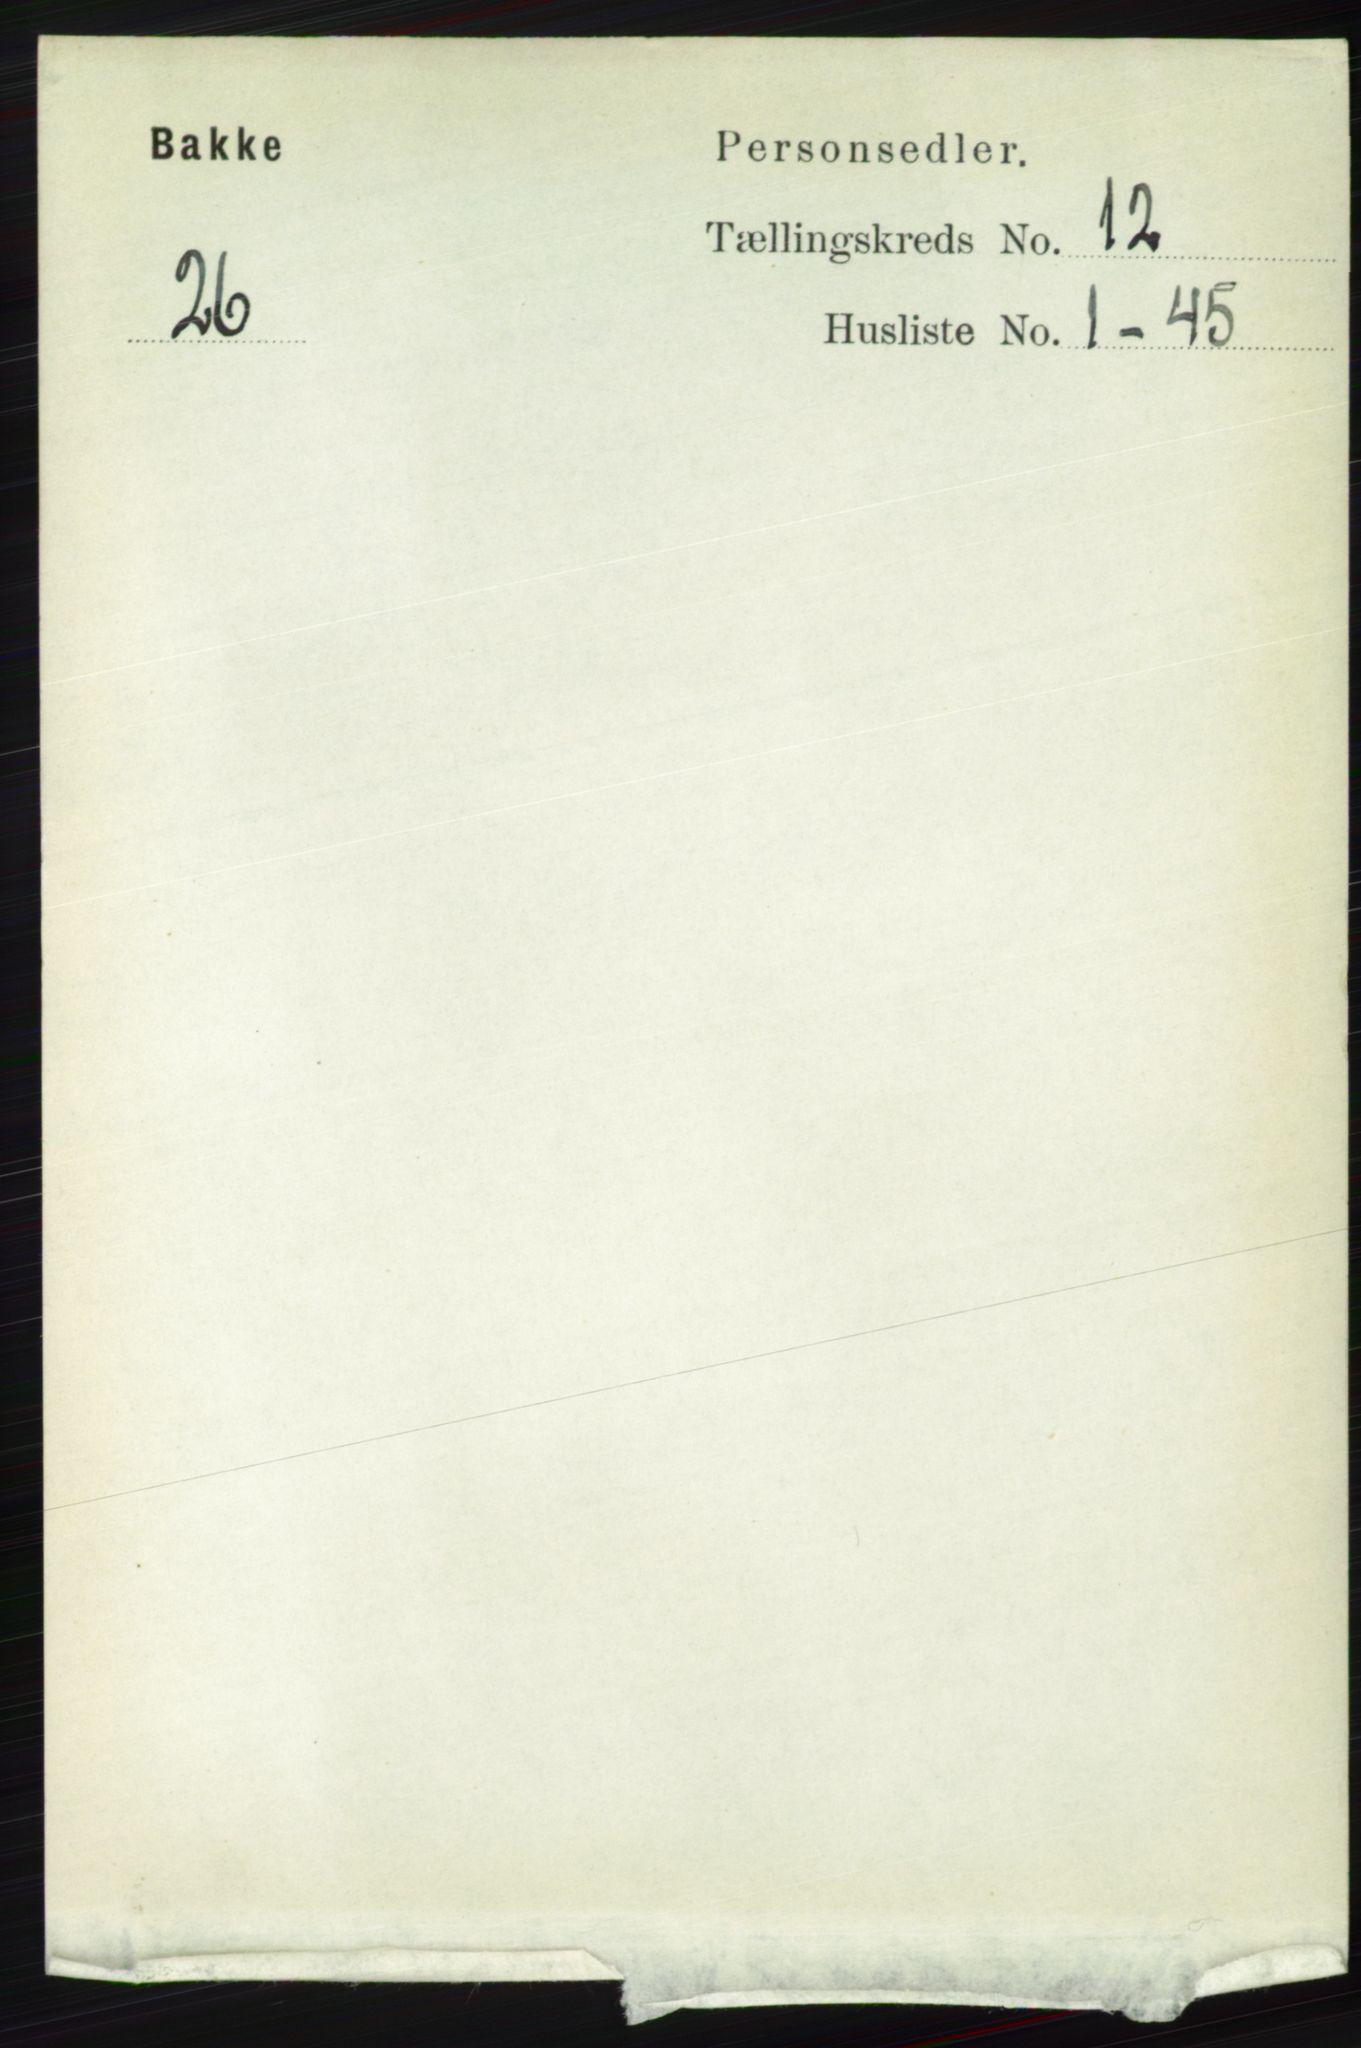 RA, Folketelling 1891 for 1045 Bakke herred, 1891, s. 2427